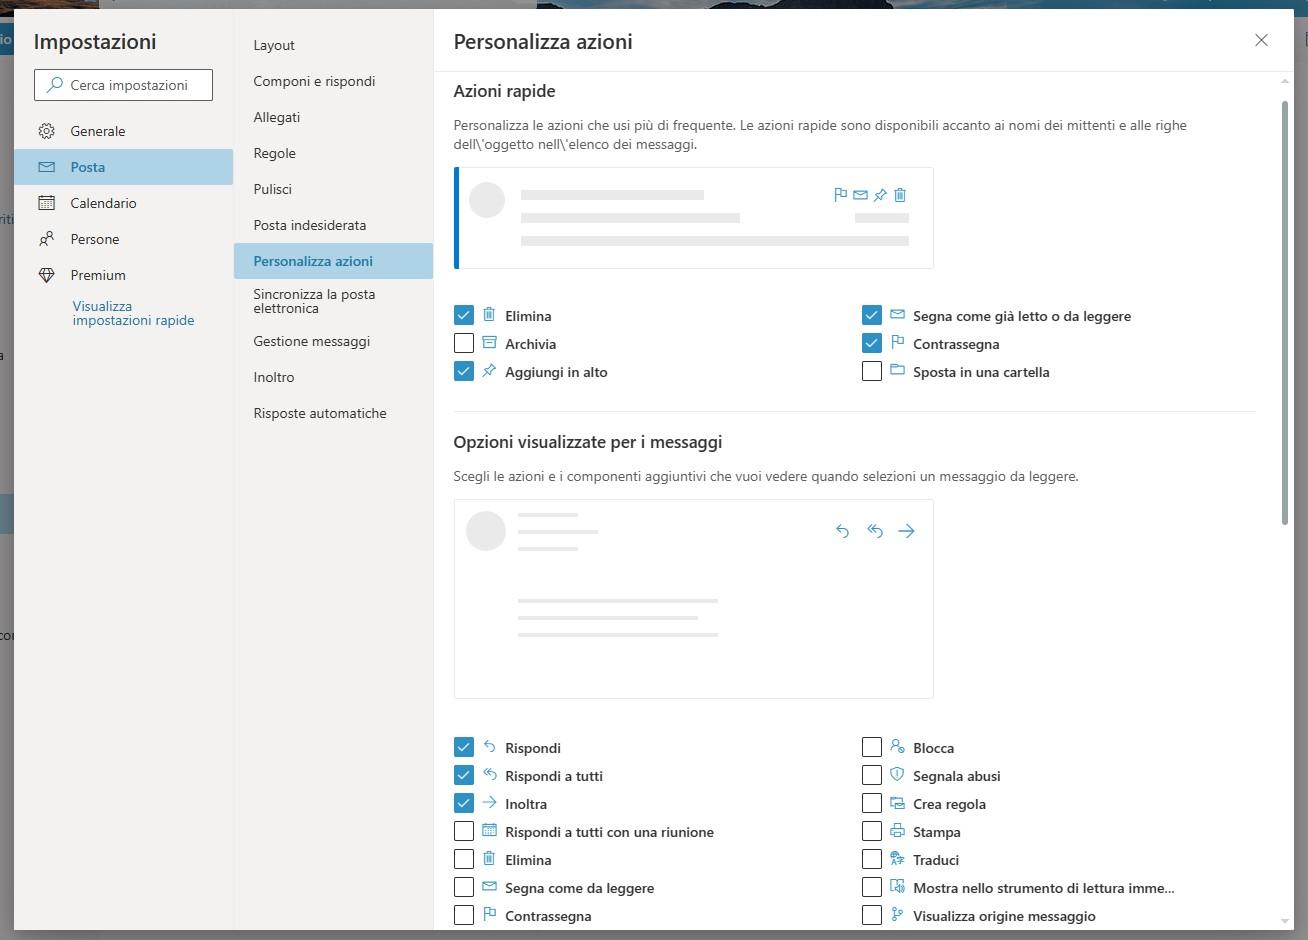 Outlook - Impostazioni di personalizzazione azioni